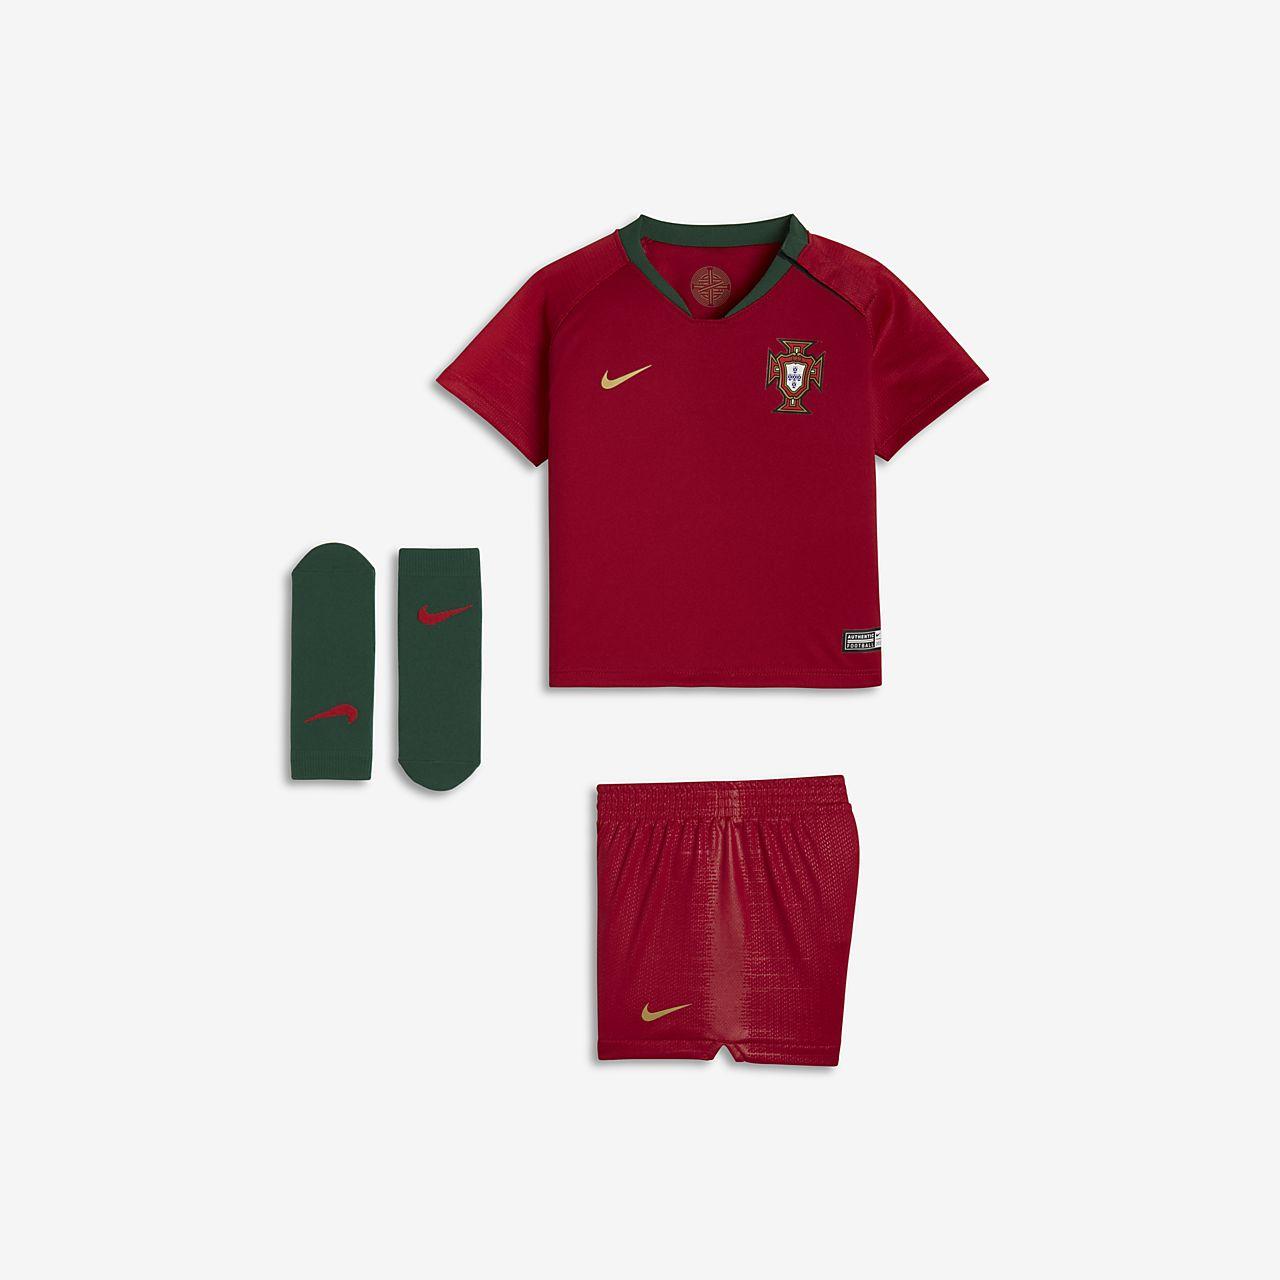 217cd8c2cc75c Uniforme de fútbol para bebé e infantil 2018 Portugal Stadium Home ...